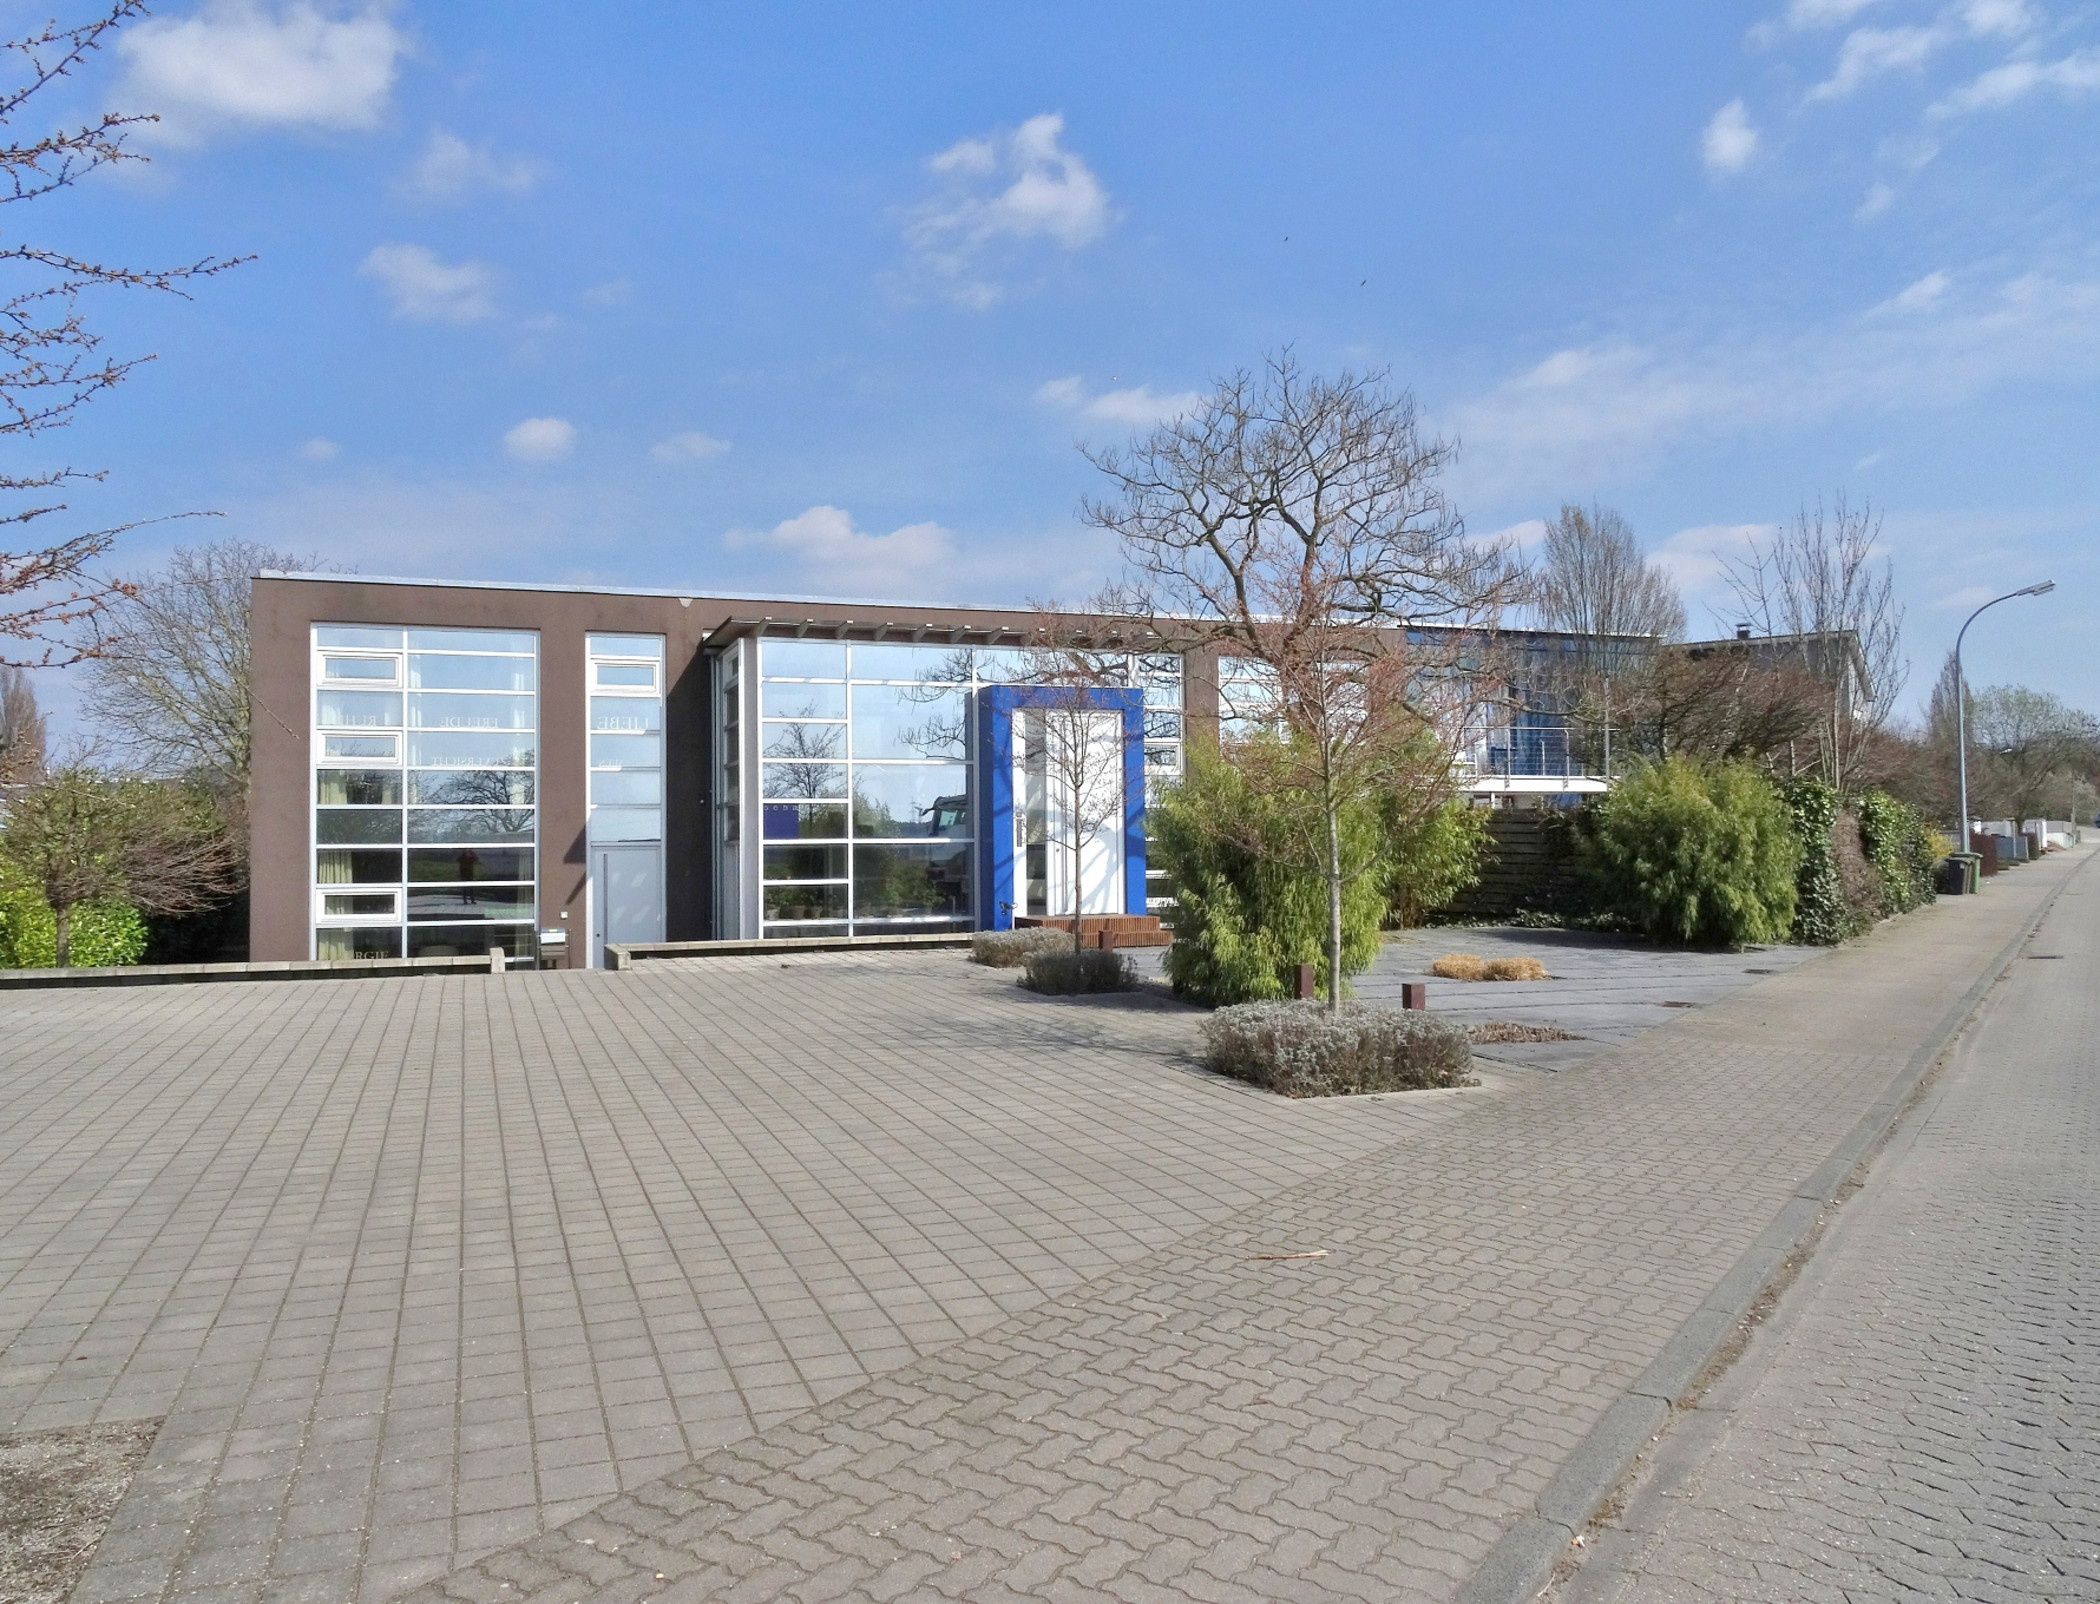 einmalig – vielfältig: flexible Büro-/Wohnfläche + Hallenkomplex in Bensheim! Nur 5 Minuten zur A5!, 64625 Bensheim, Sonstige